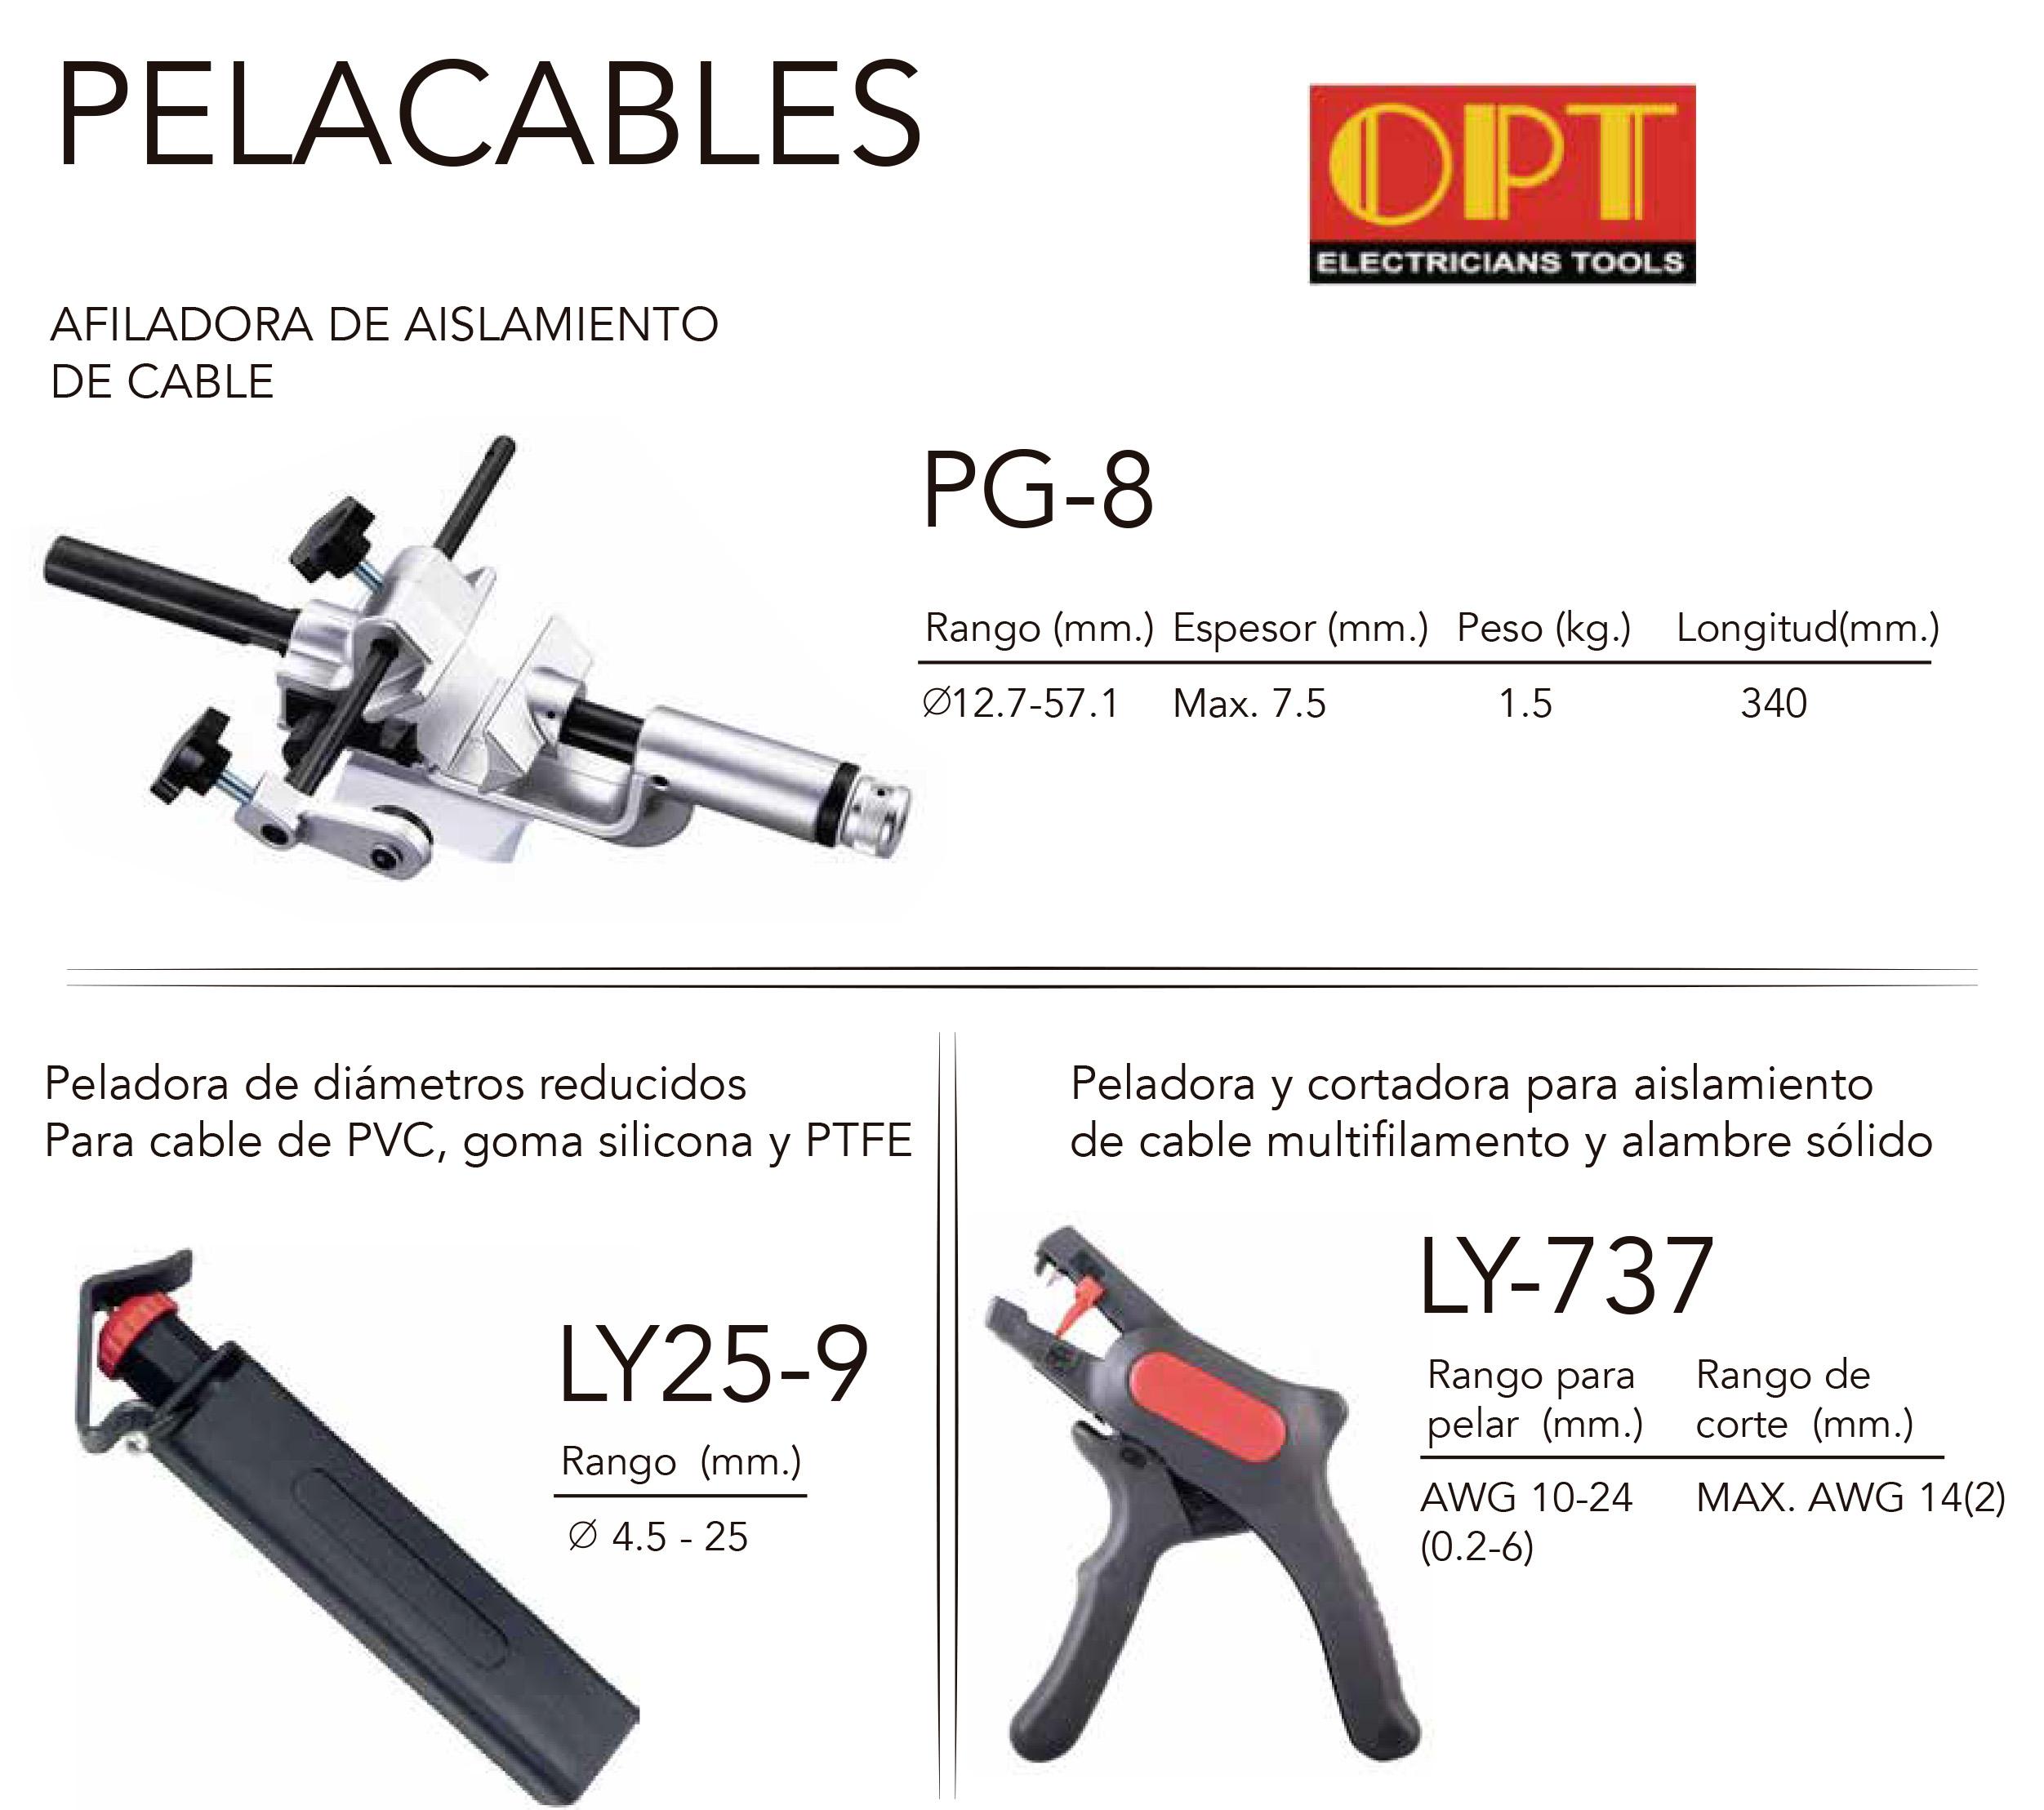 Pelacables